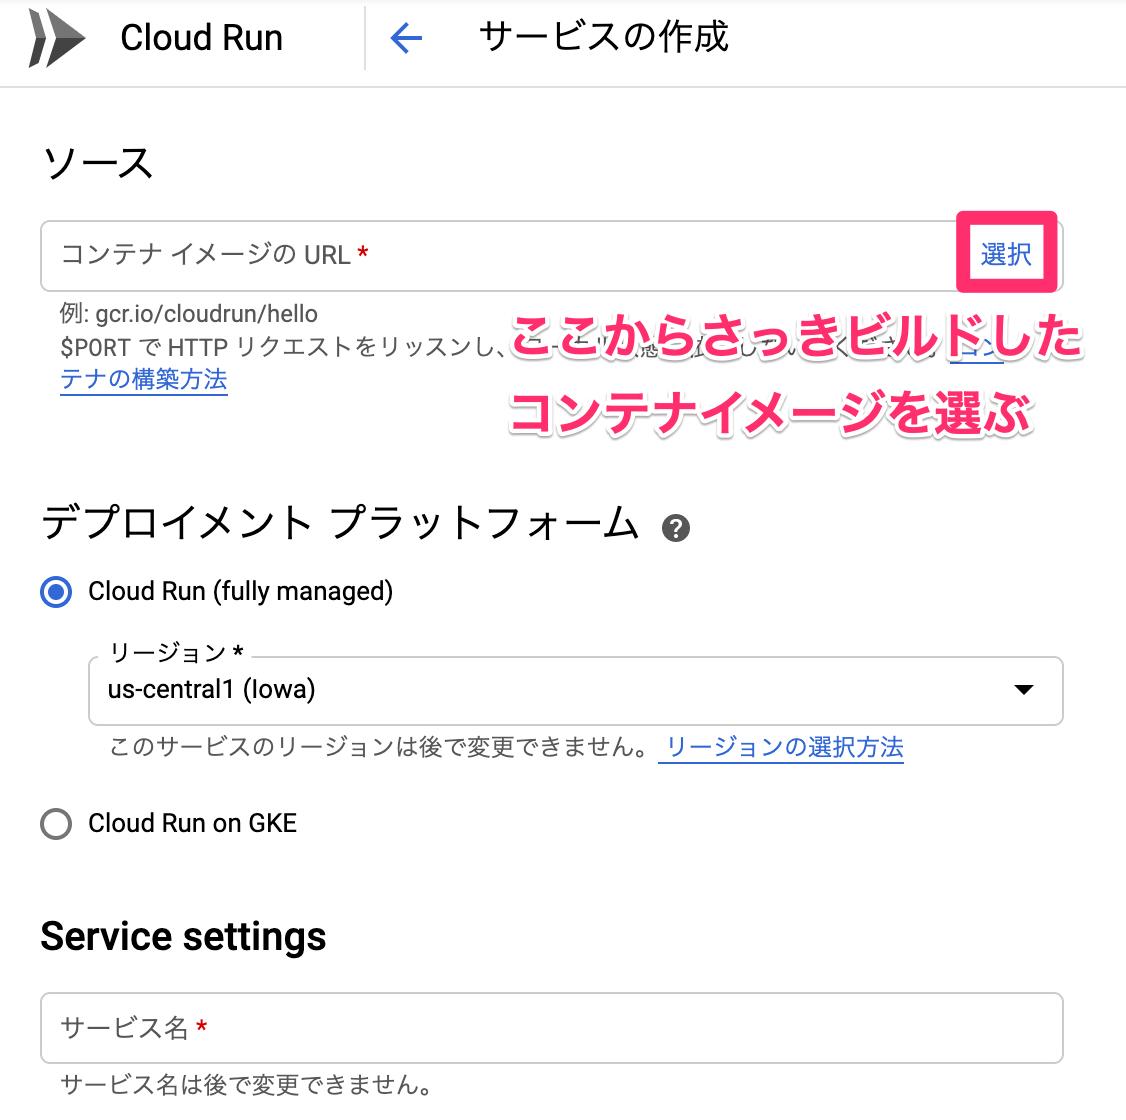 新しいサービス_アカウントの作成_–_Cloud_Run_–_kokkai-iinkai_–_Google_Cloud_Platform.png